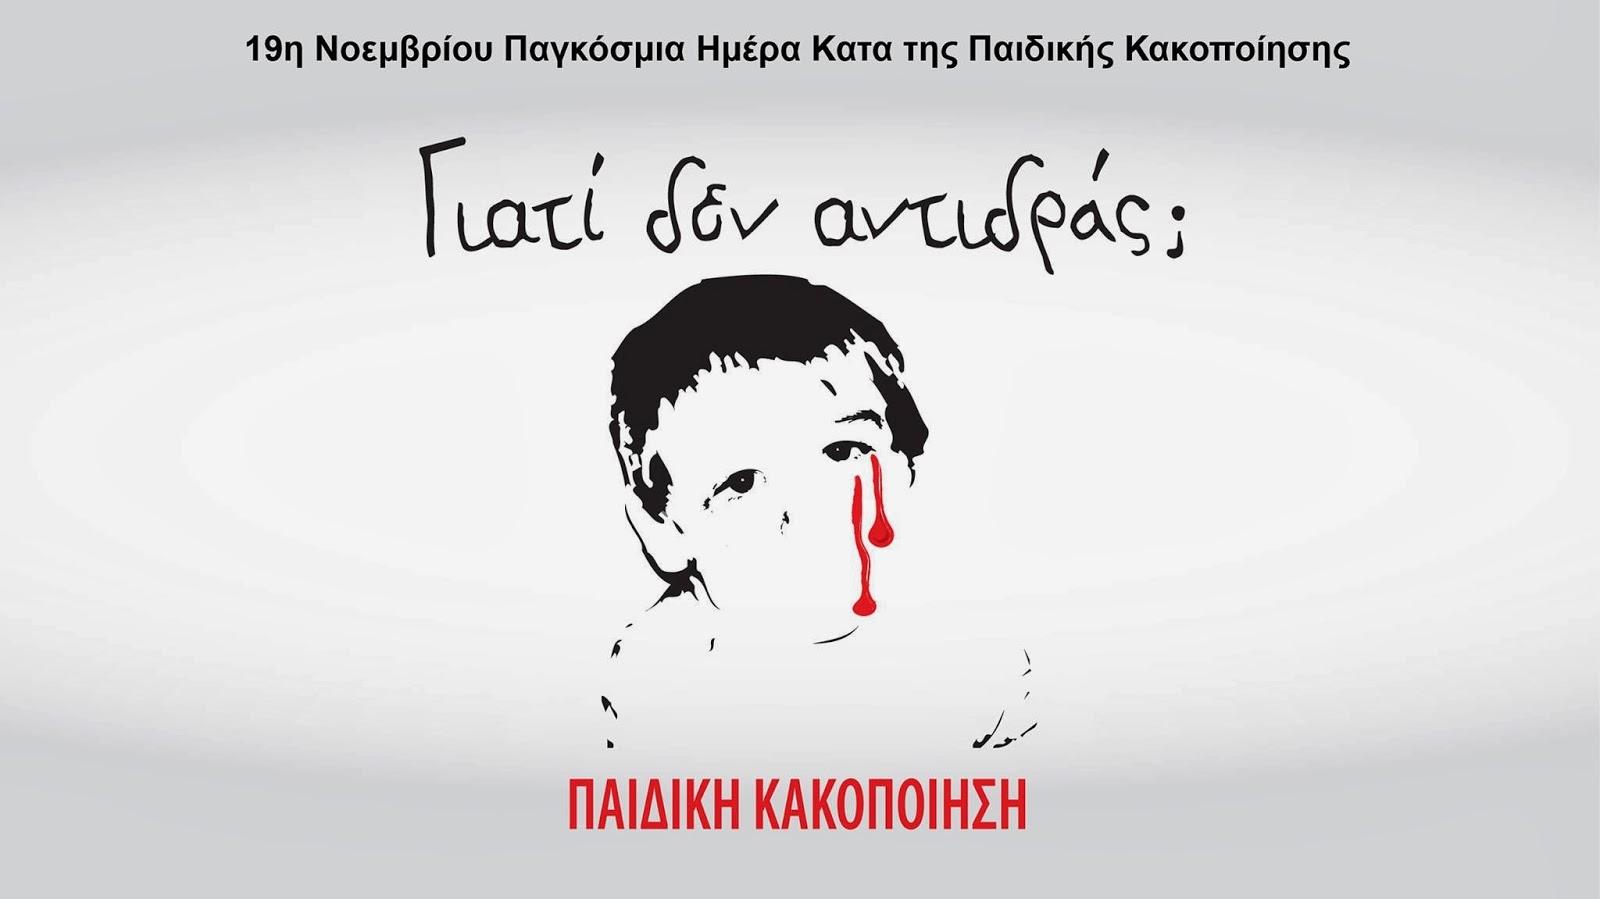 19 Νοεμβρίου – Παγκόσμια Ημέρα Ενάντια στη Σεξουαλική Κακοποίηση του Παιδιού